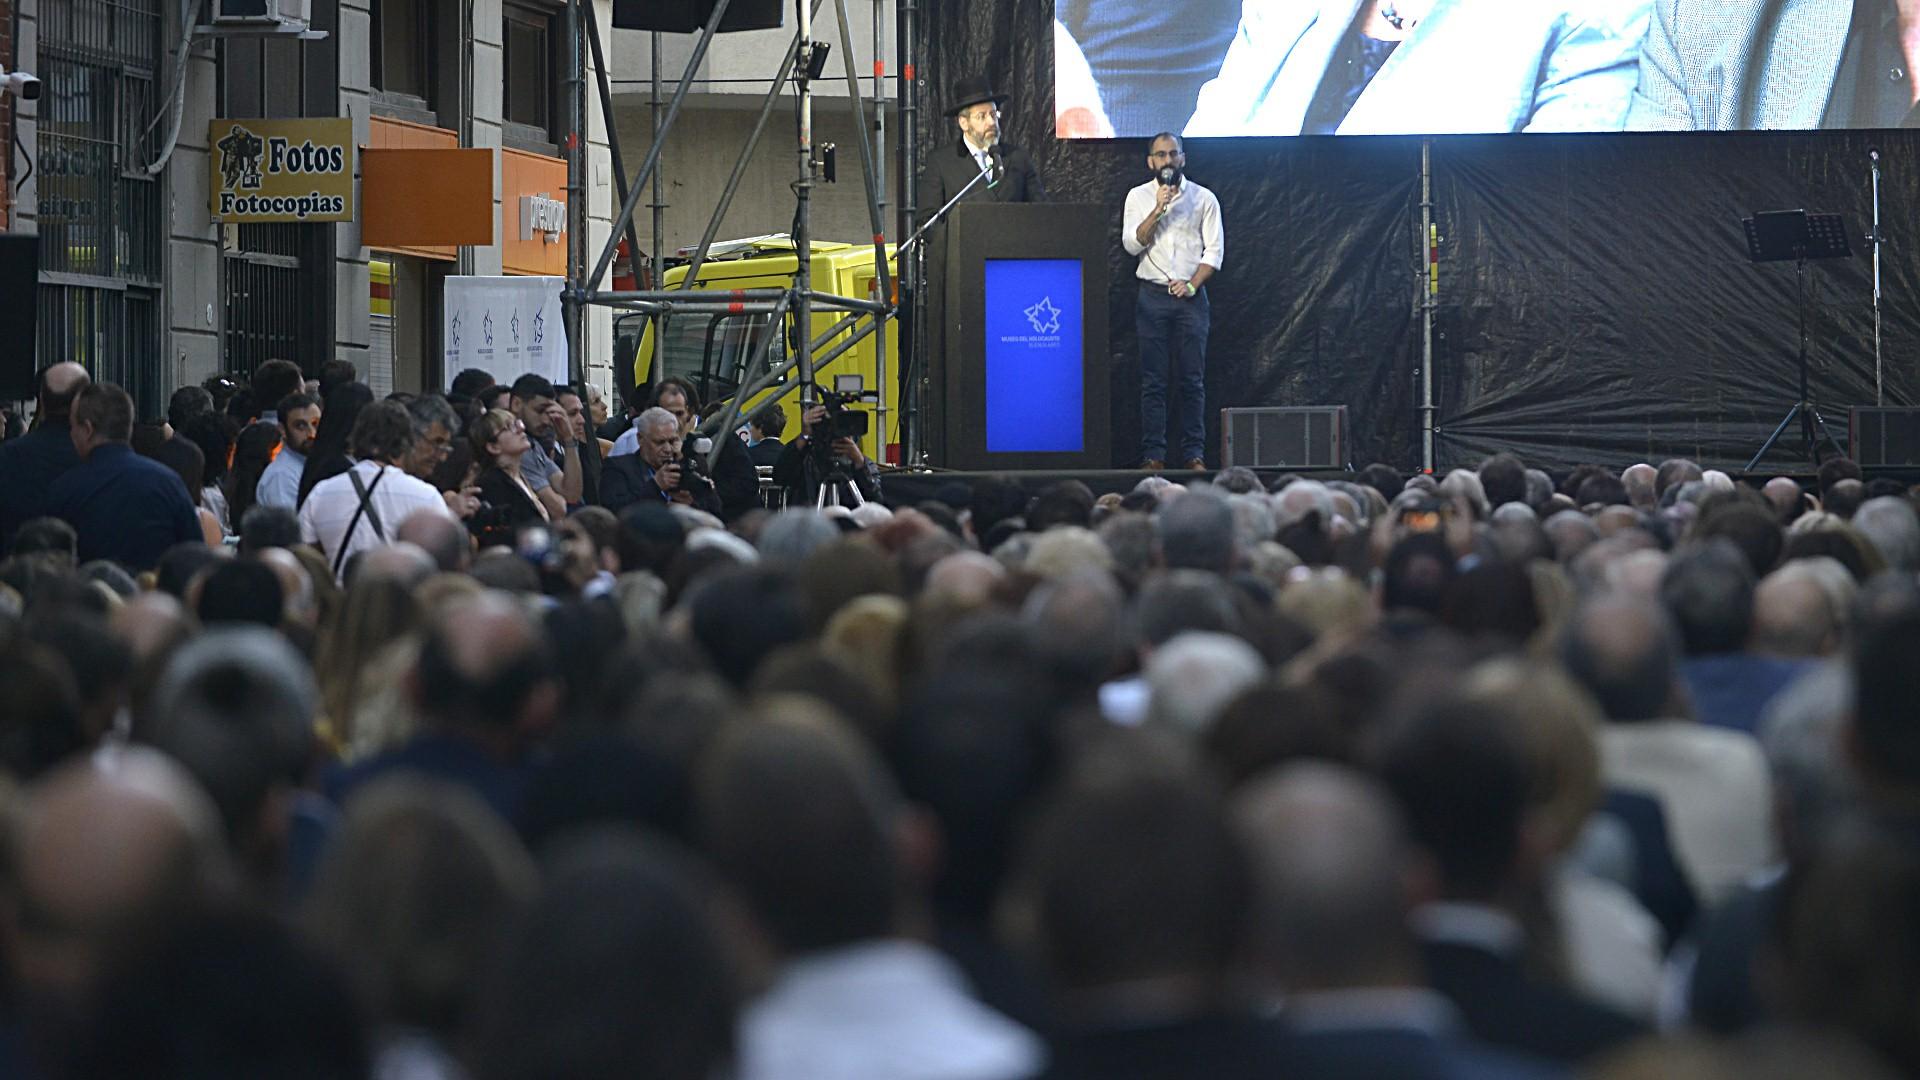 El gran Rabino Ashkenazí de Israel, David Lau, viajó para la inauguración en su discurso frente a los 800 invitados